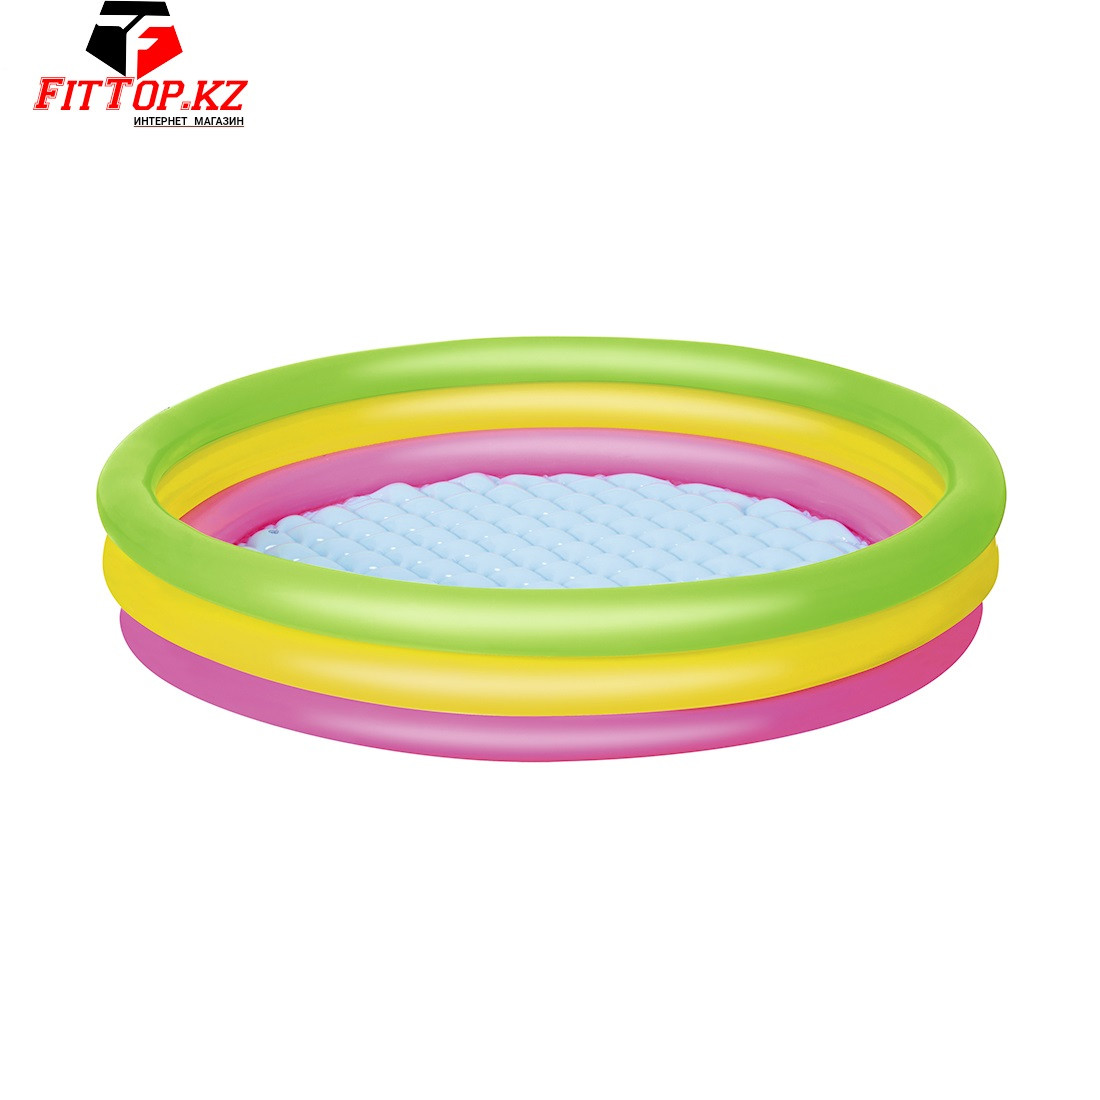 Детский надувной бассейн Summer Set 152 х 30 см, BESTWAY, 51103, Винил, 211л., 2+